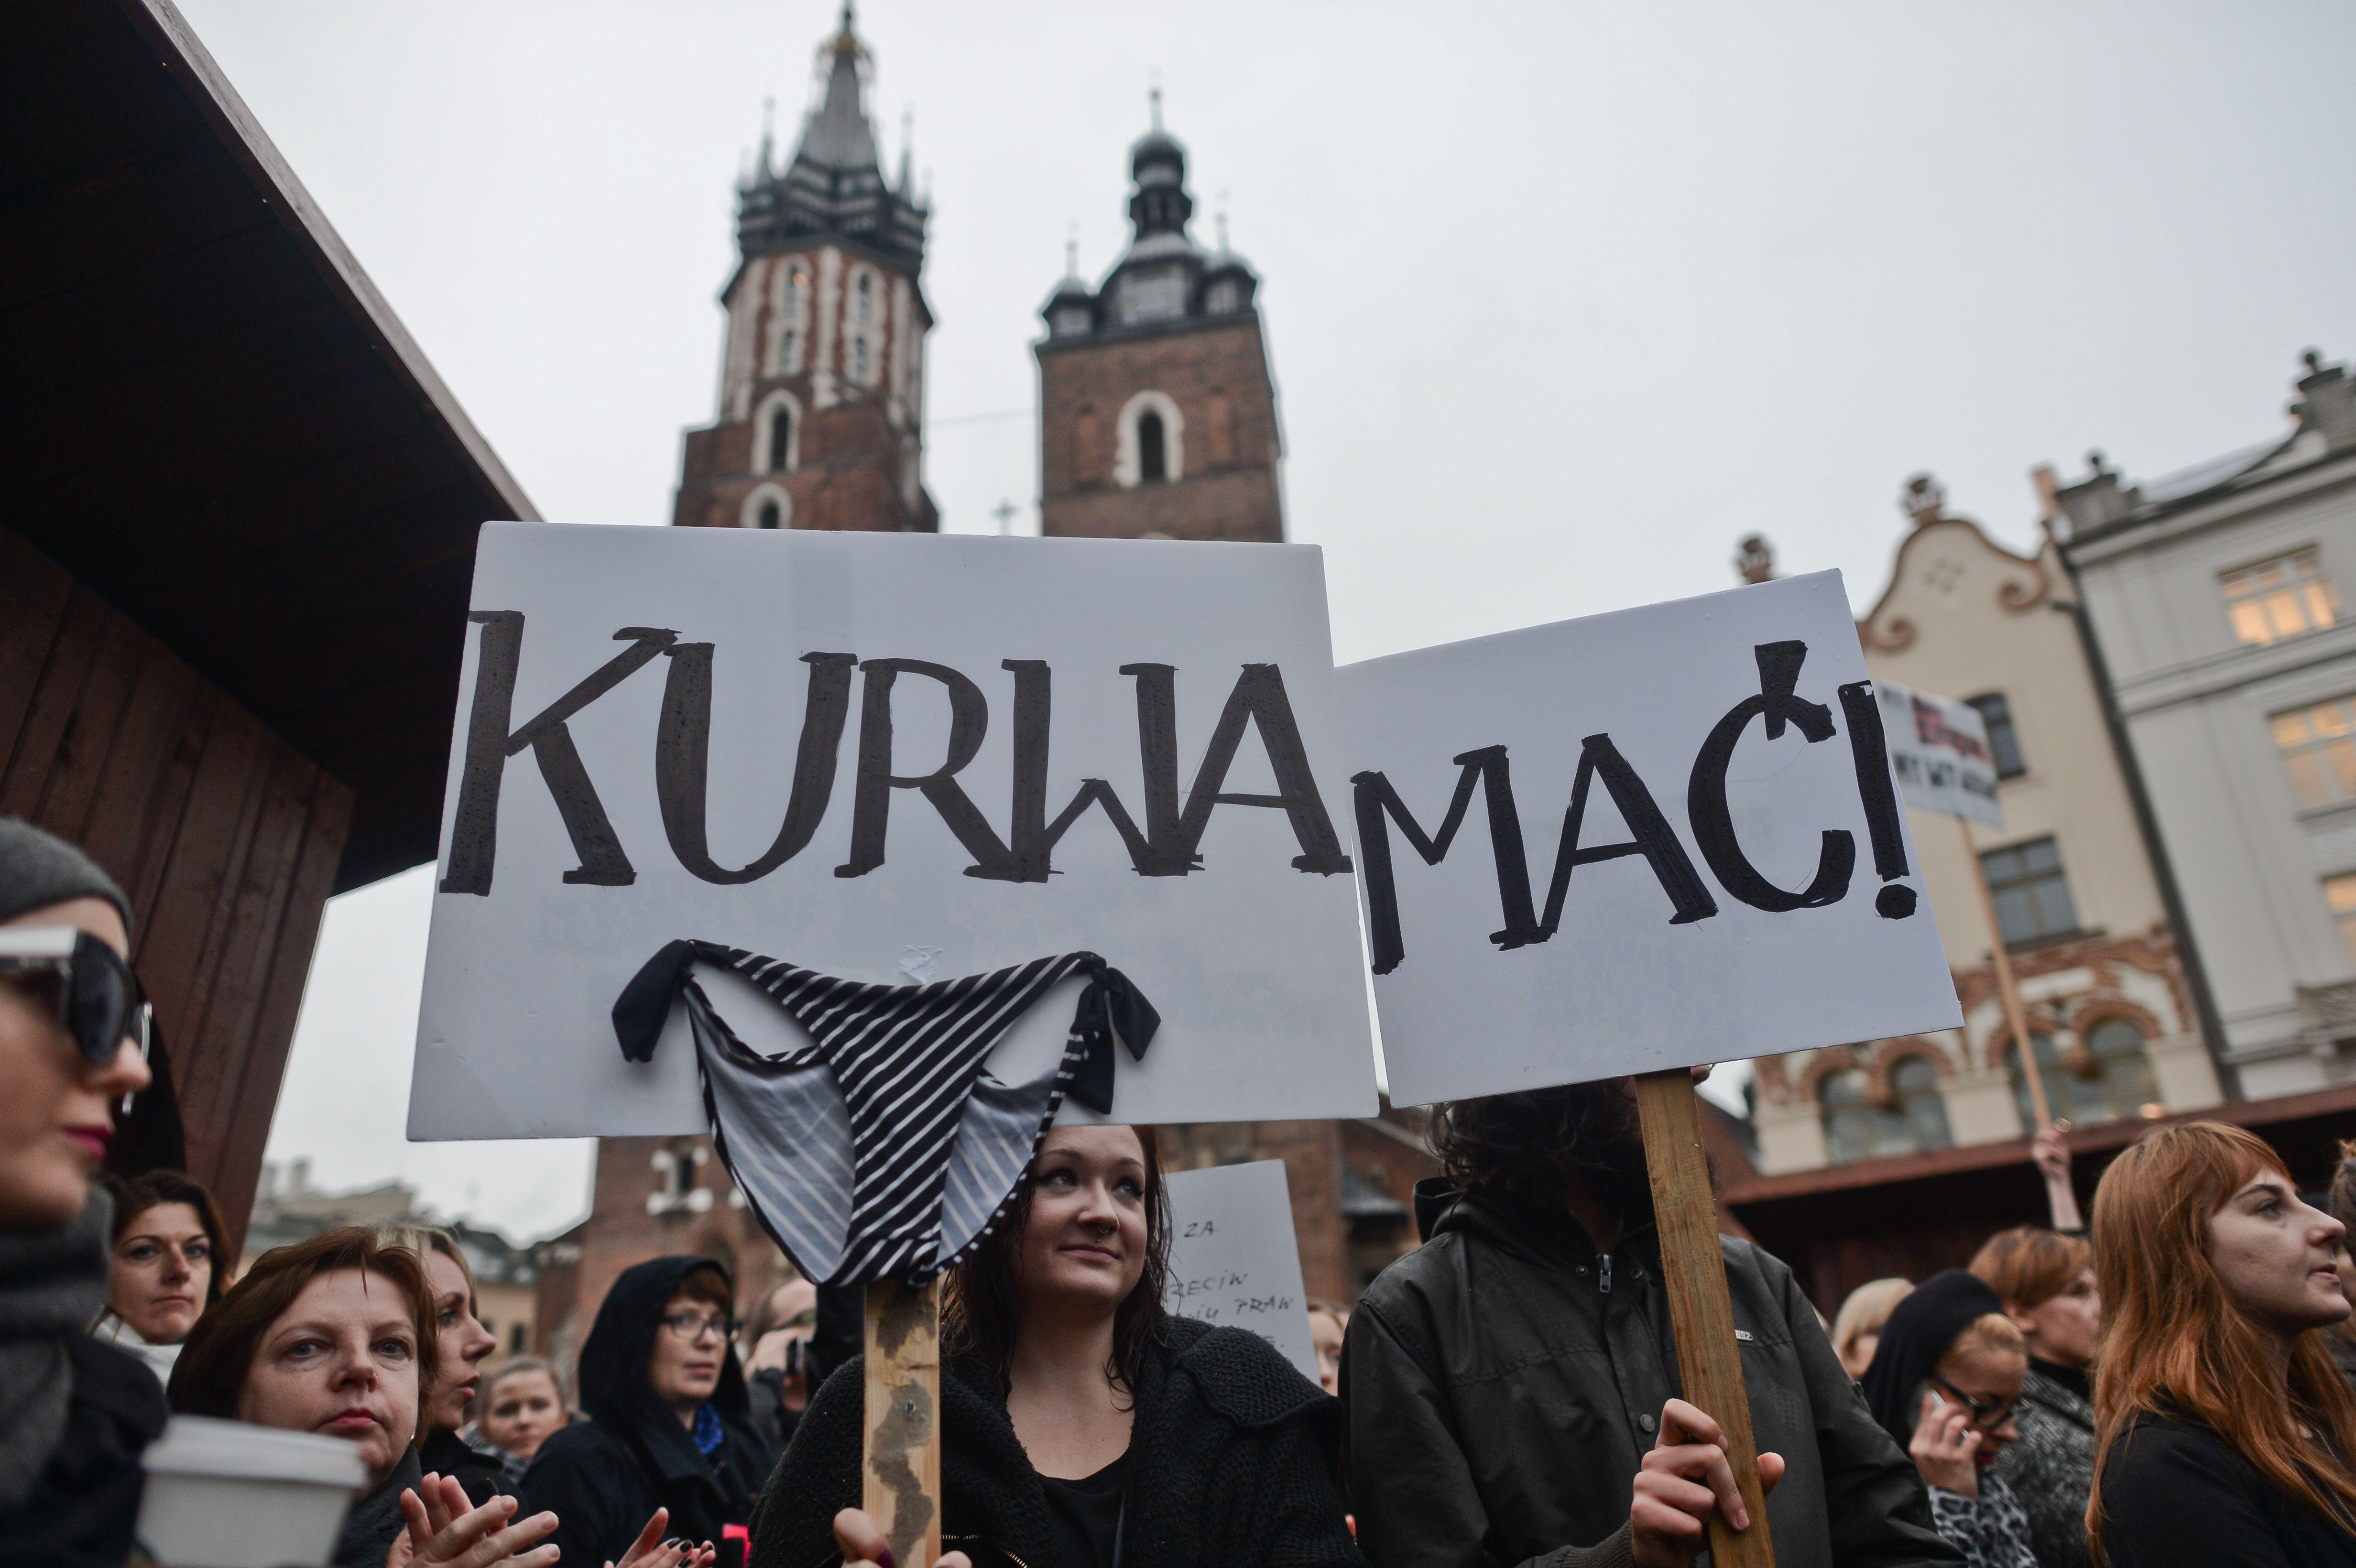 Eddig tartott a lengyel kormány hátrálása abortuszügyben: mégis szigorítanának